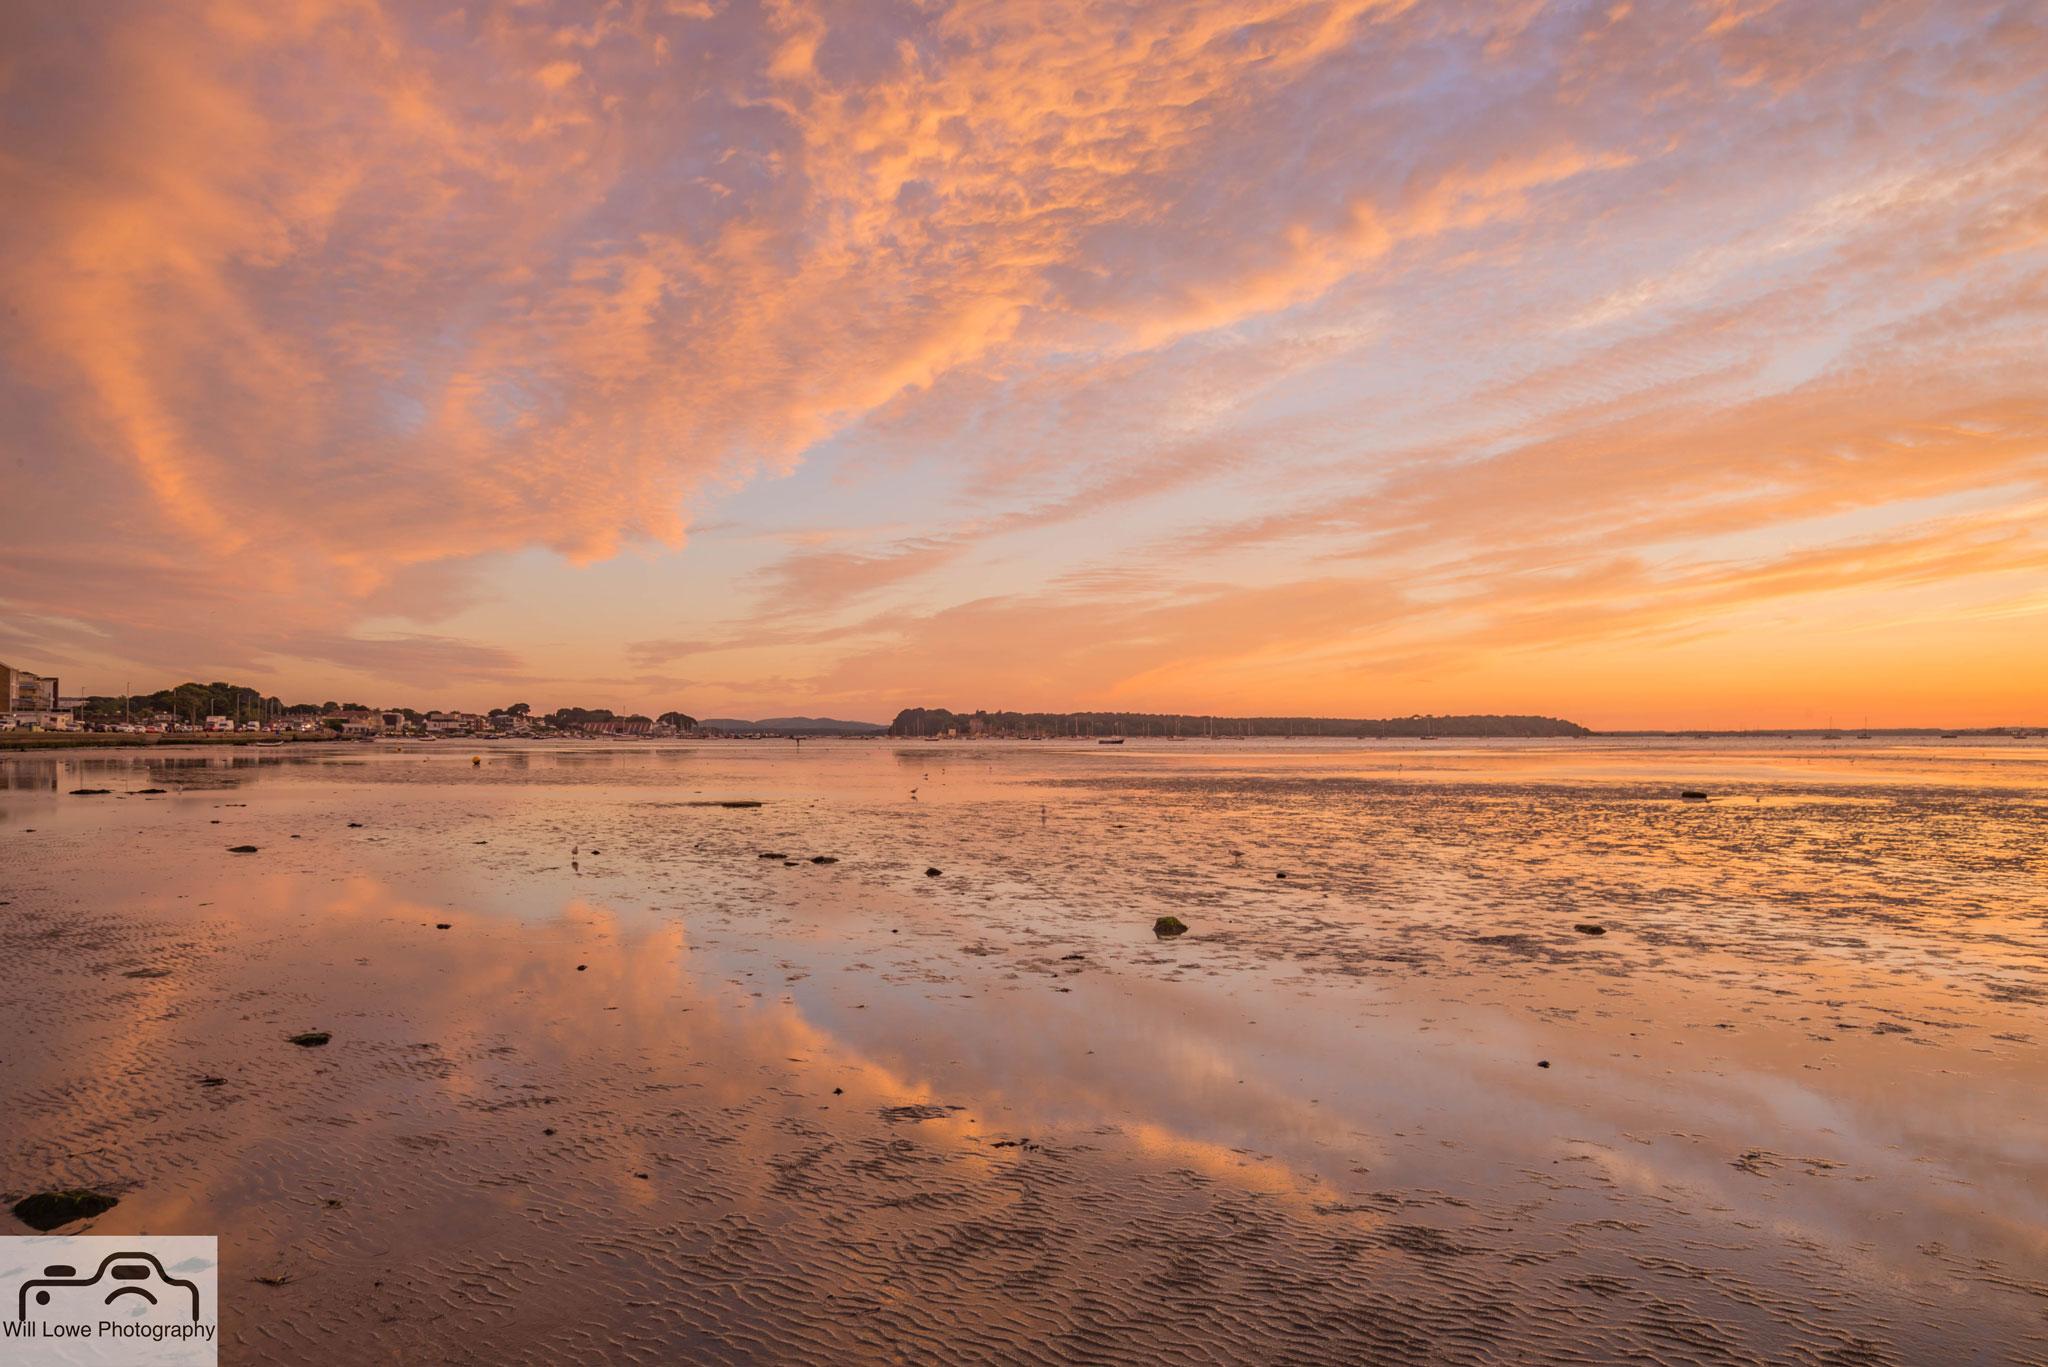 Reflections at Low Tide - Sandbanks